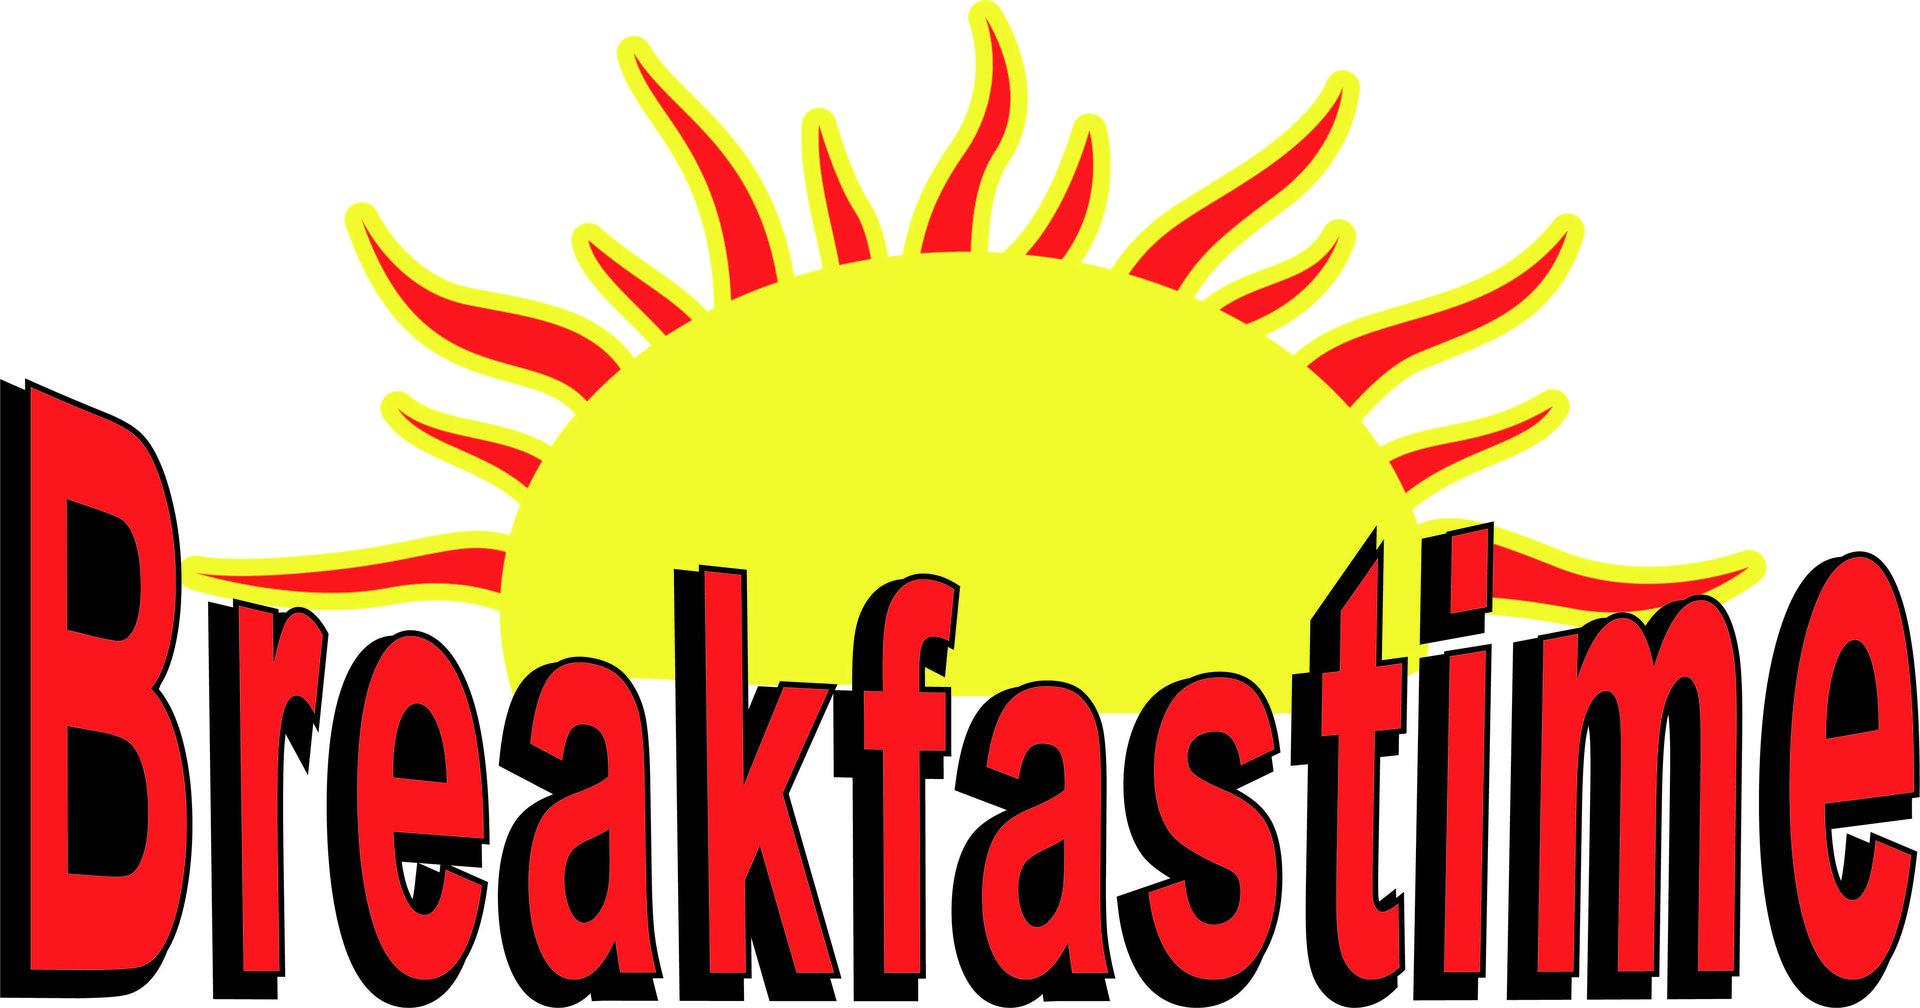 BreakfastTime